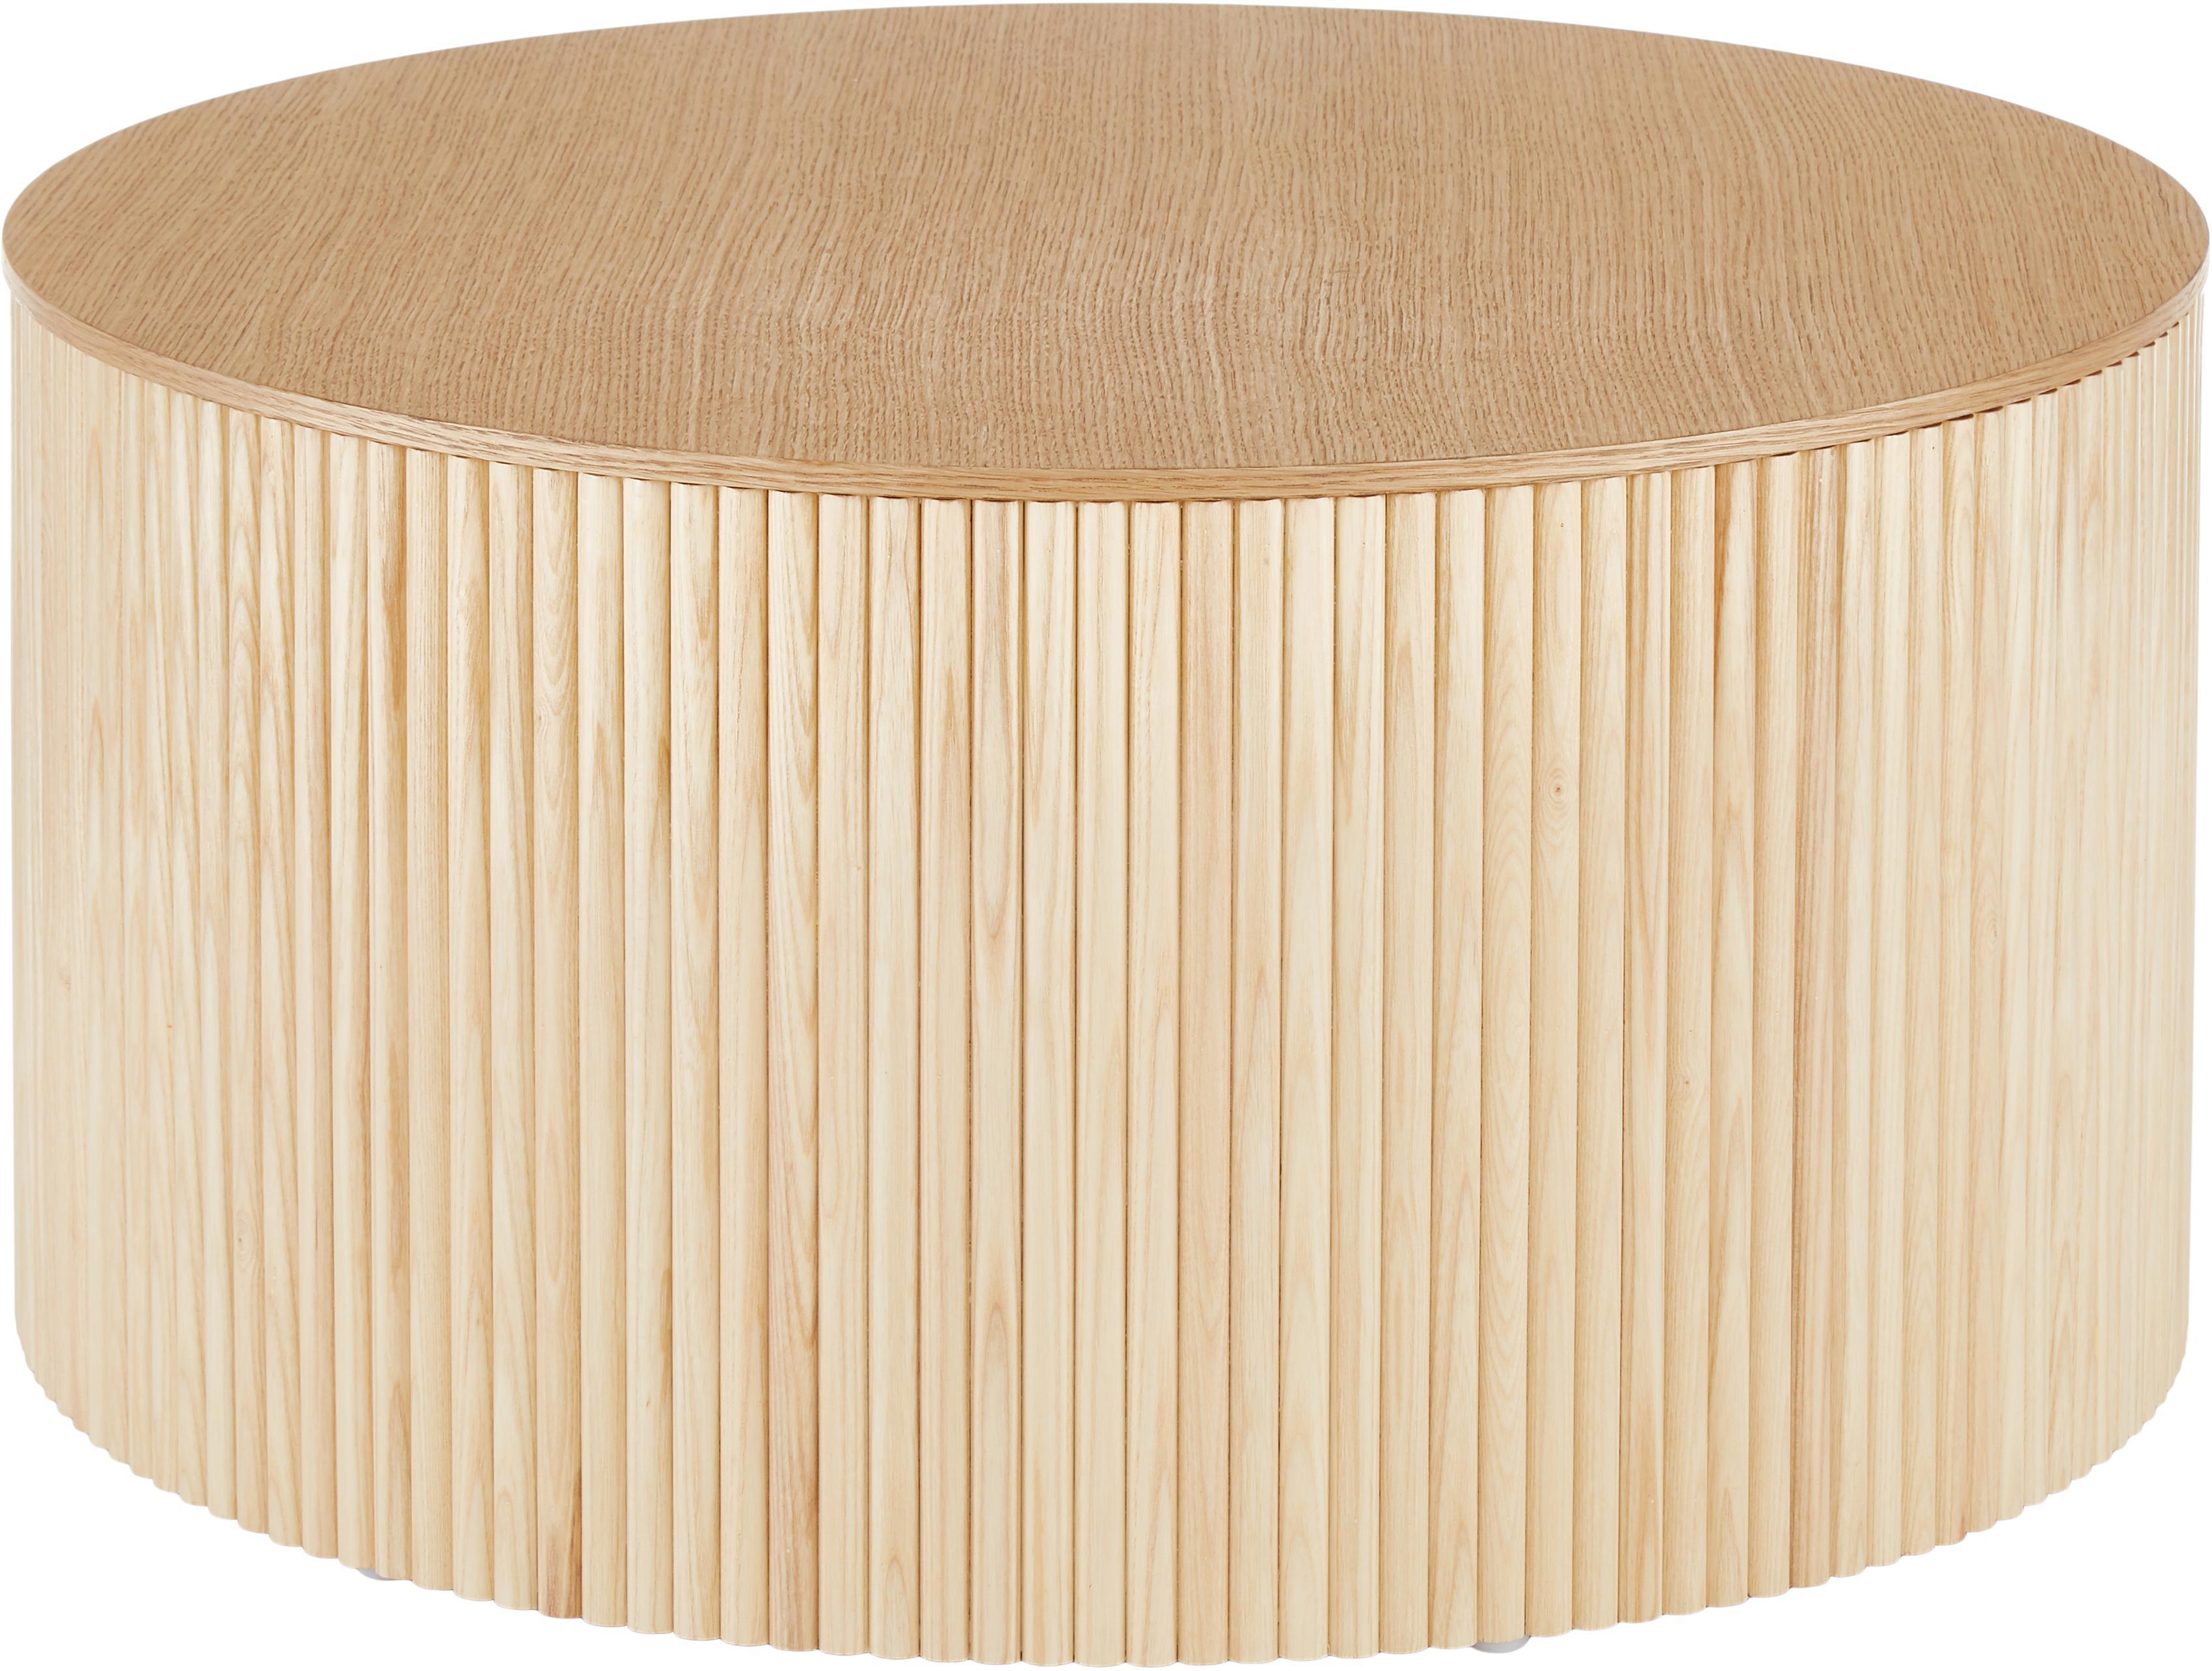 Mesa de centro Nele, con espacio de almacenamiento, Tablero de fibras de densidad media(MDF) chapado en madera de fresno, Chapa de fresno, Ø 70 x Al 36 cm